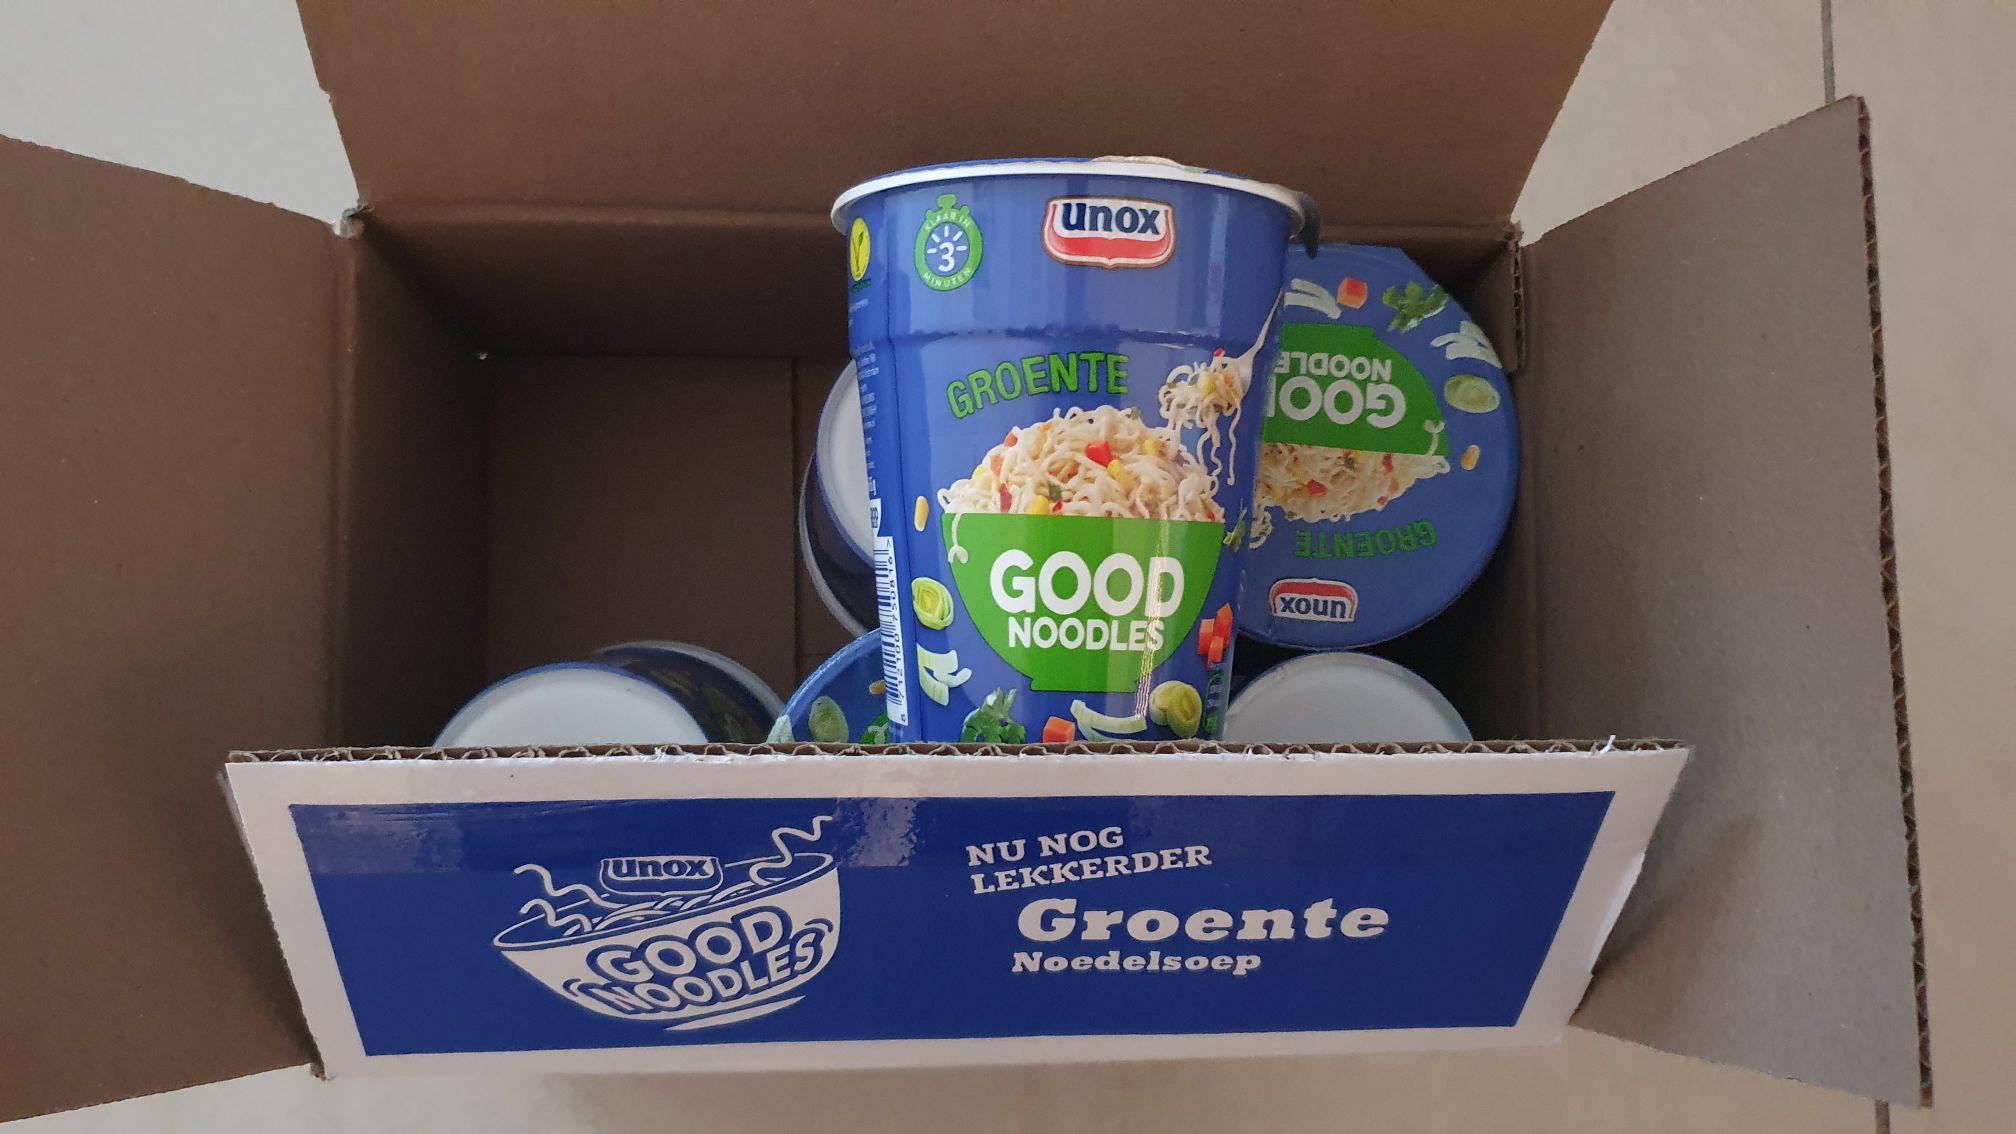 Die grenze 6 x Good Noodles groente beker van cup a soup